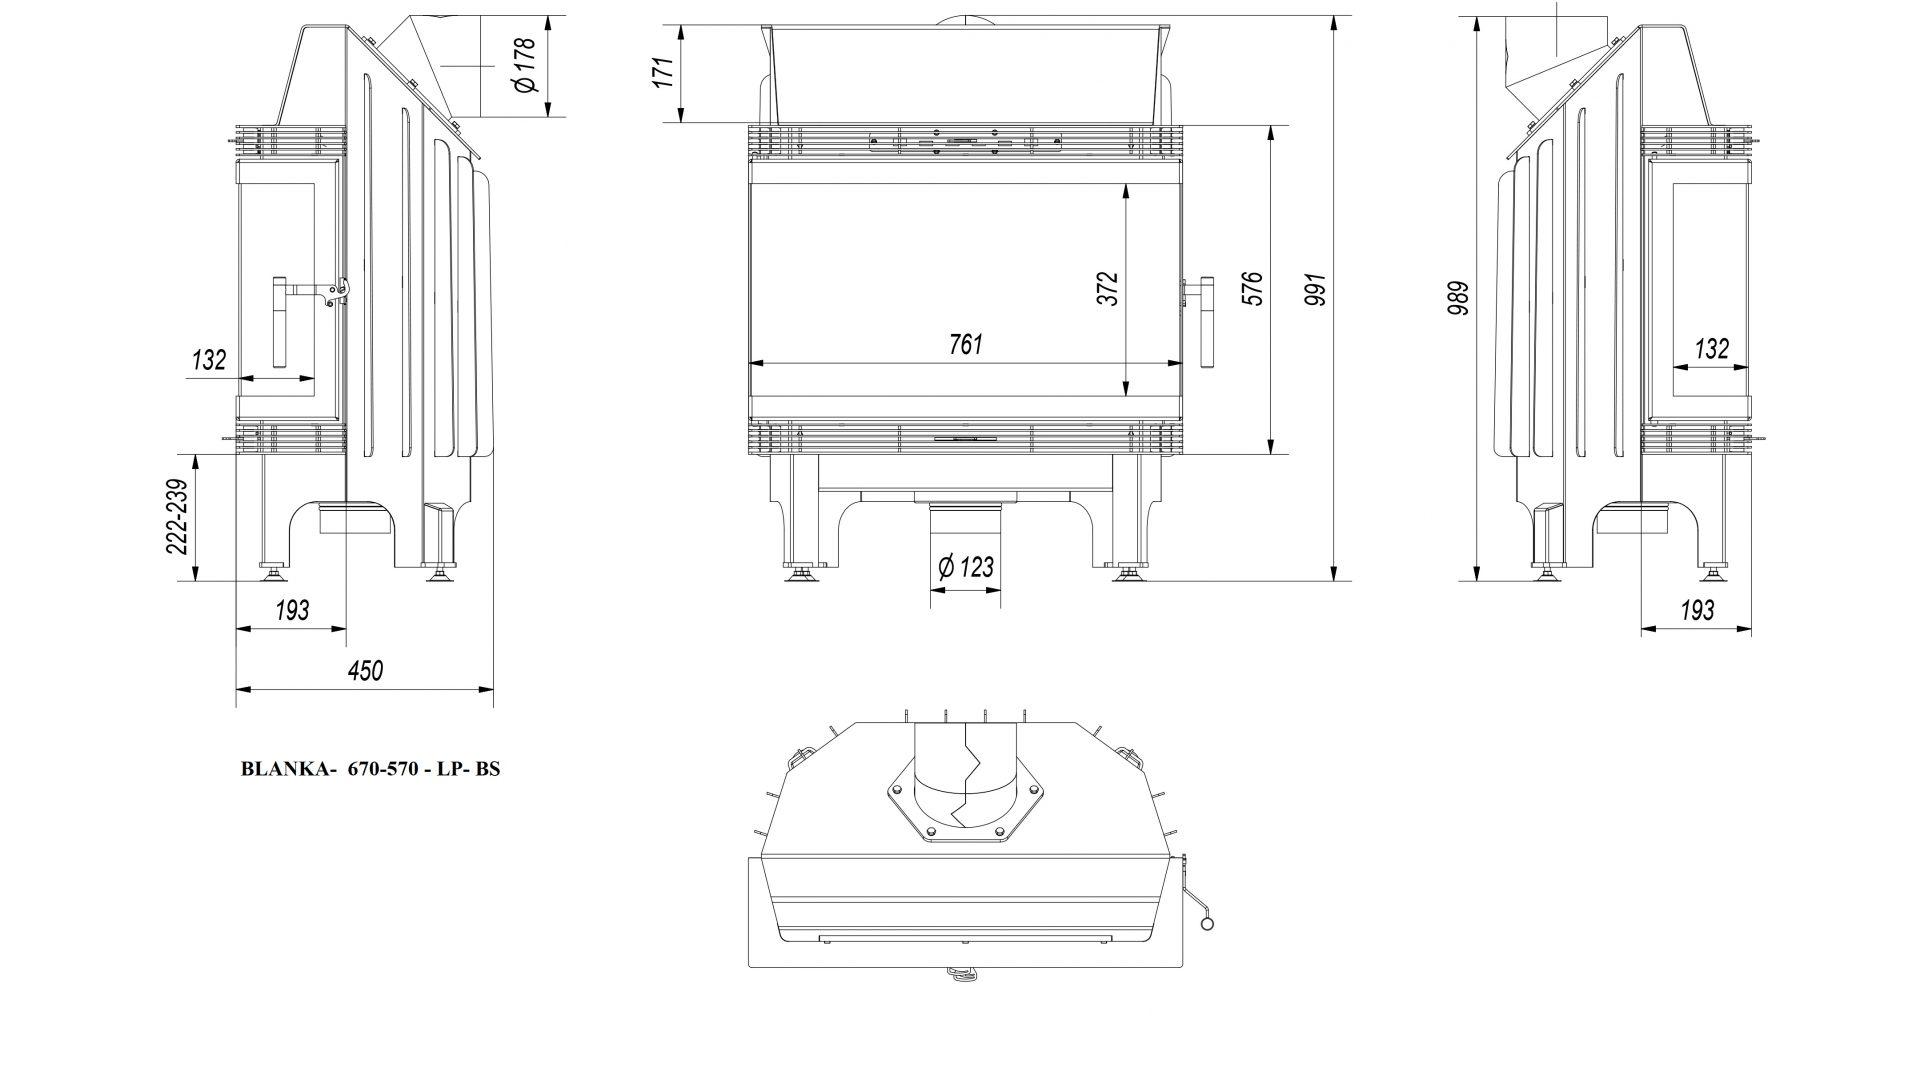 rys-tech-BLANKA-12-670-570-LP-BS